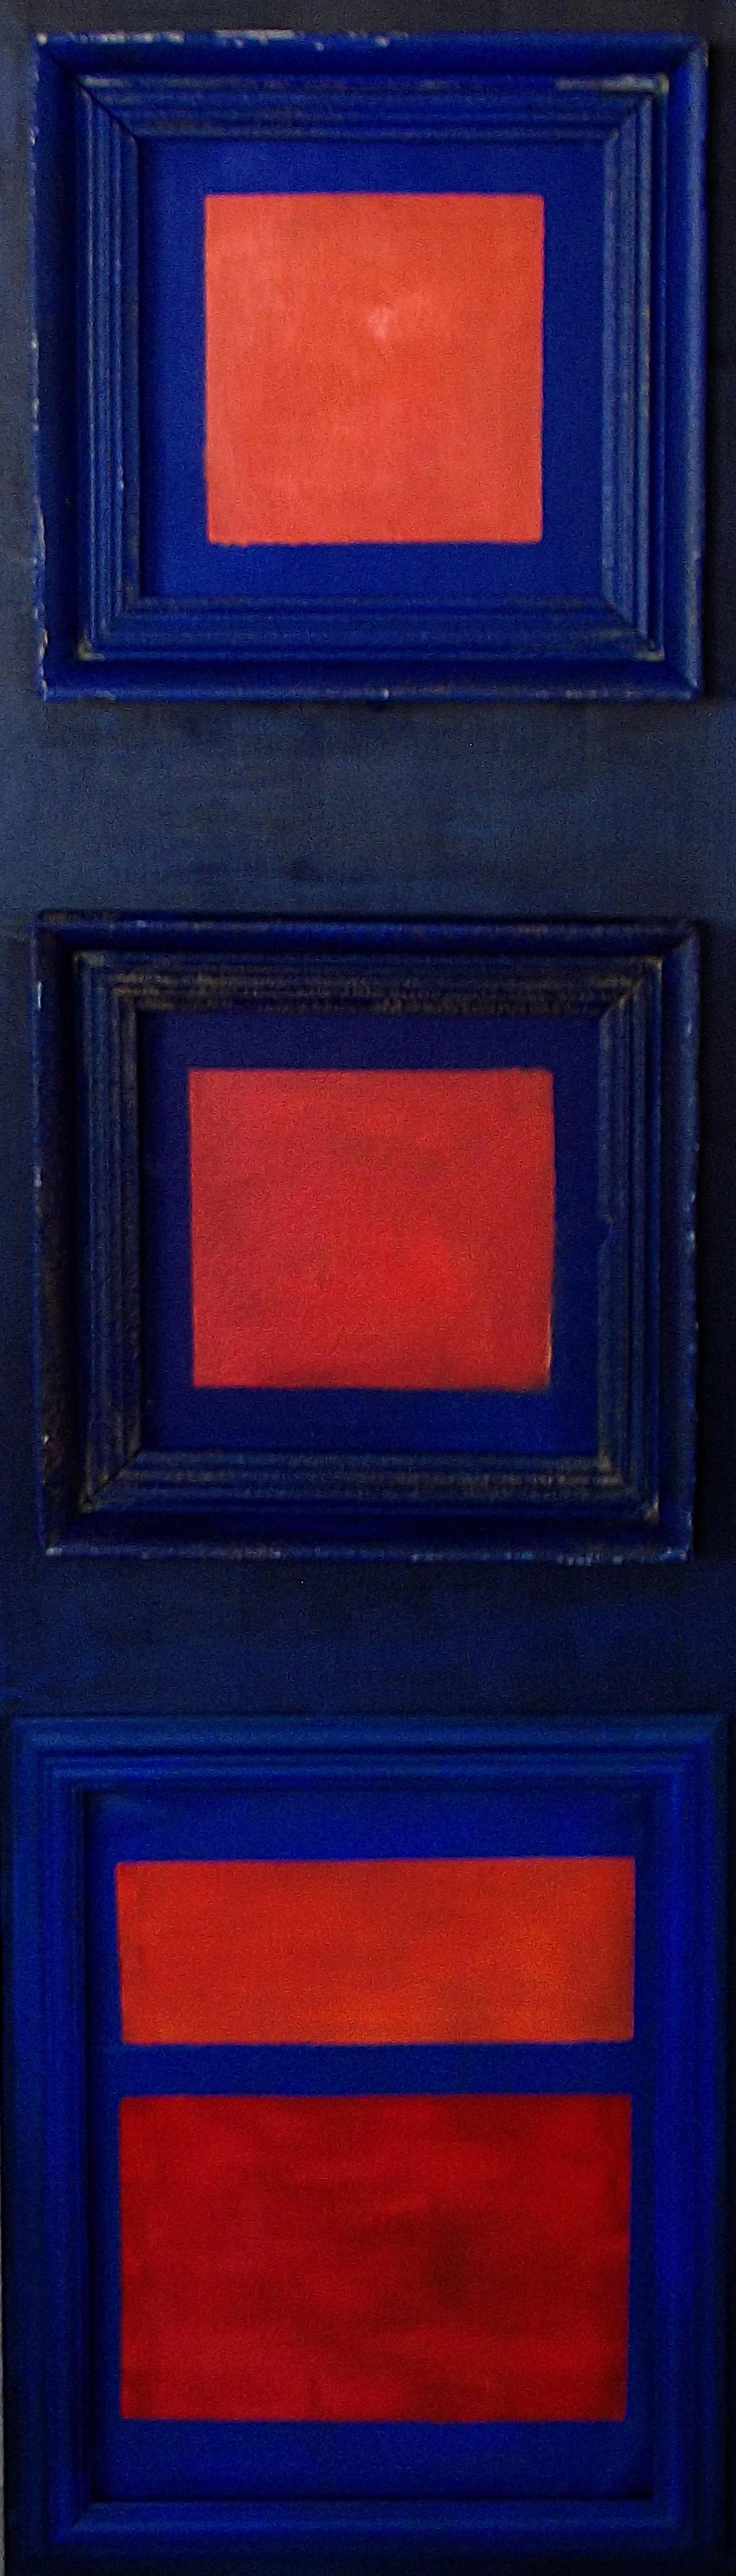 colorfields_wooden_saatchi2